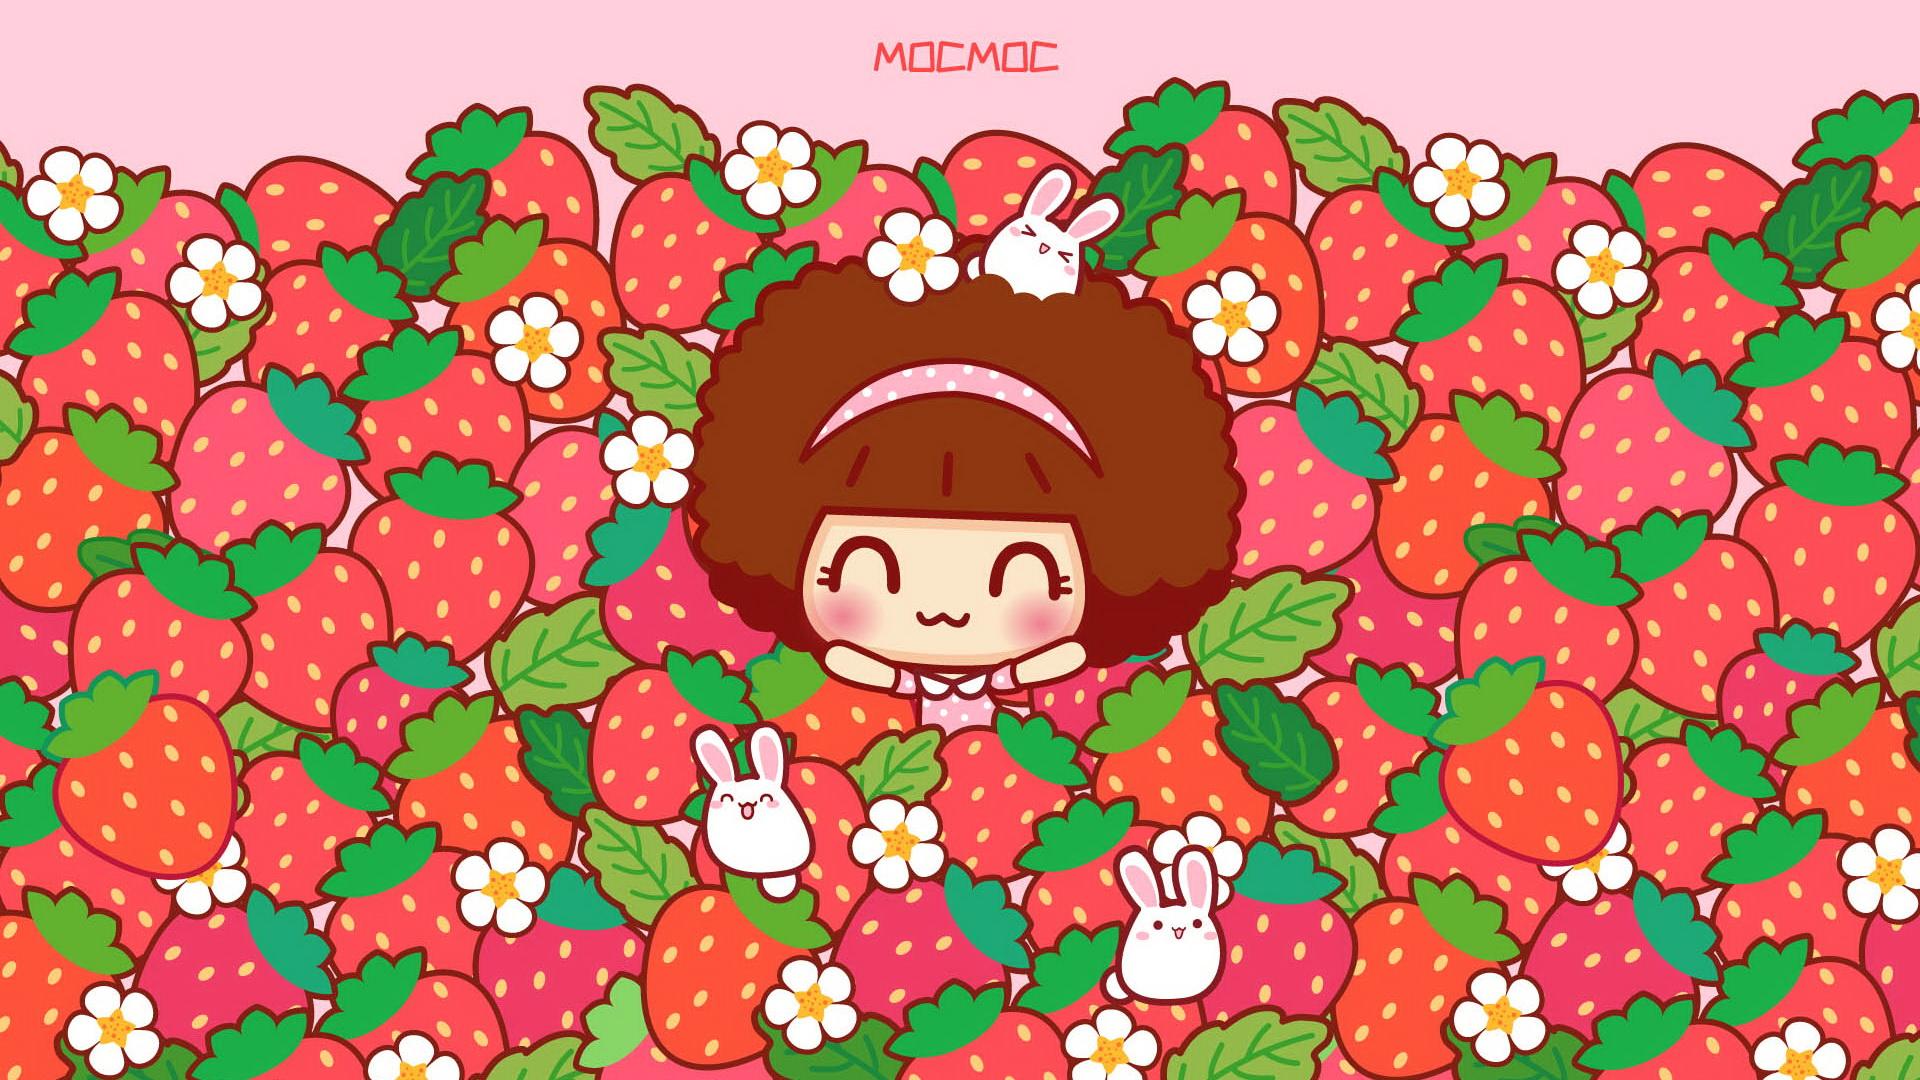 摩丝摩丝粉红春天可爱卡通宽屏壁纸(壁纸1)